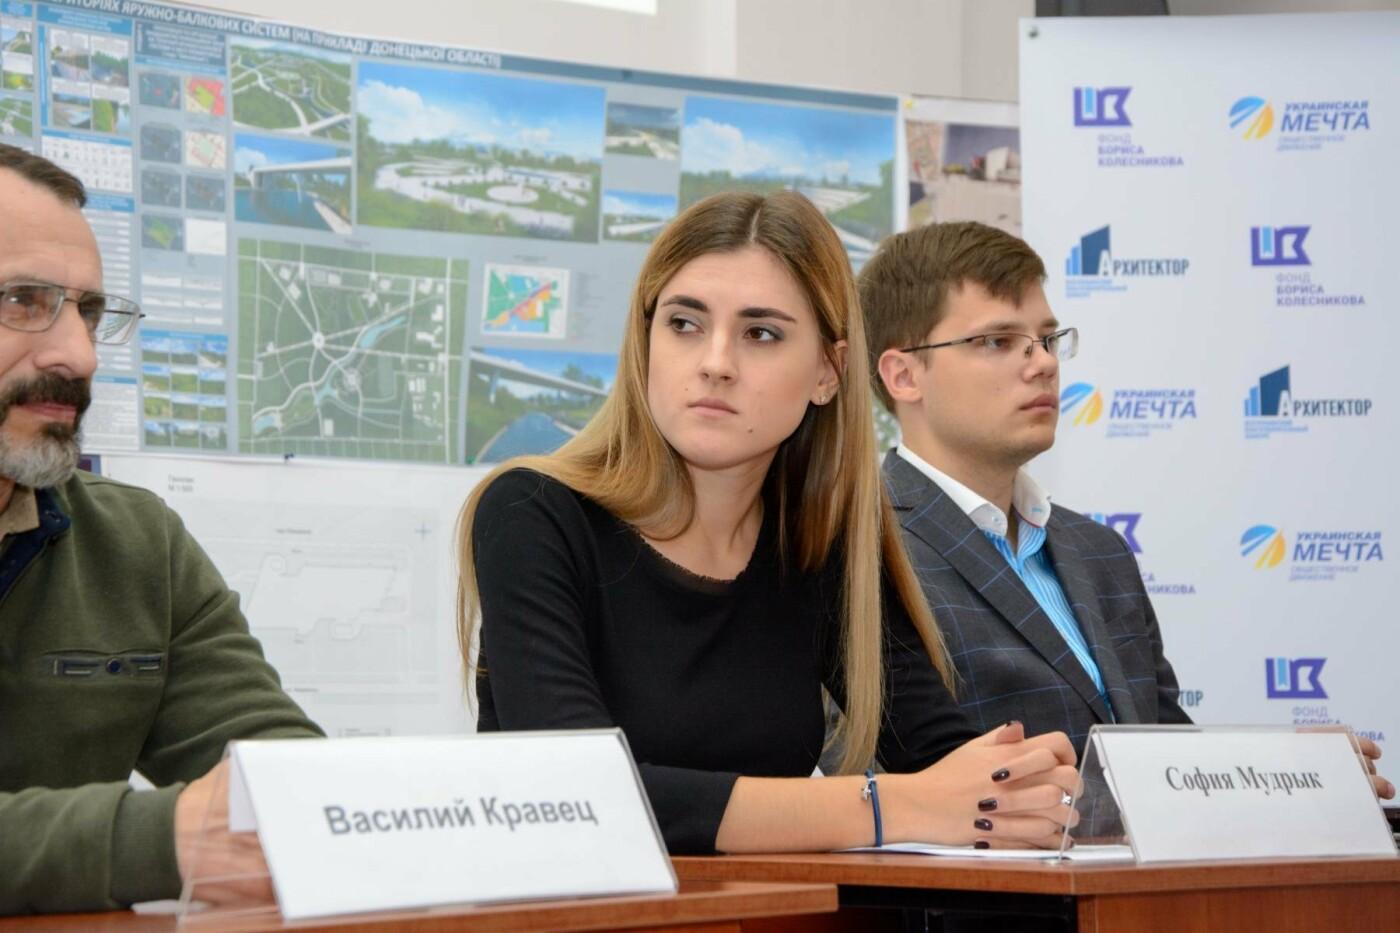 Открыт престижный конкурс «Архитектор 2018» для талантливых украинских студентов, фото-9